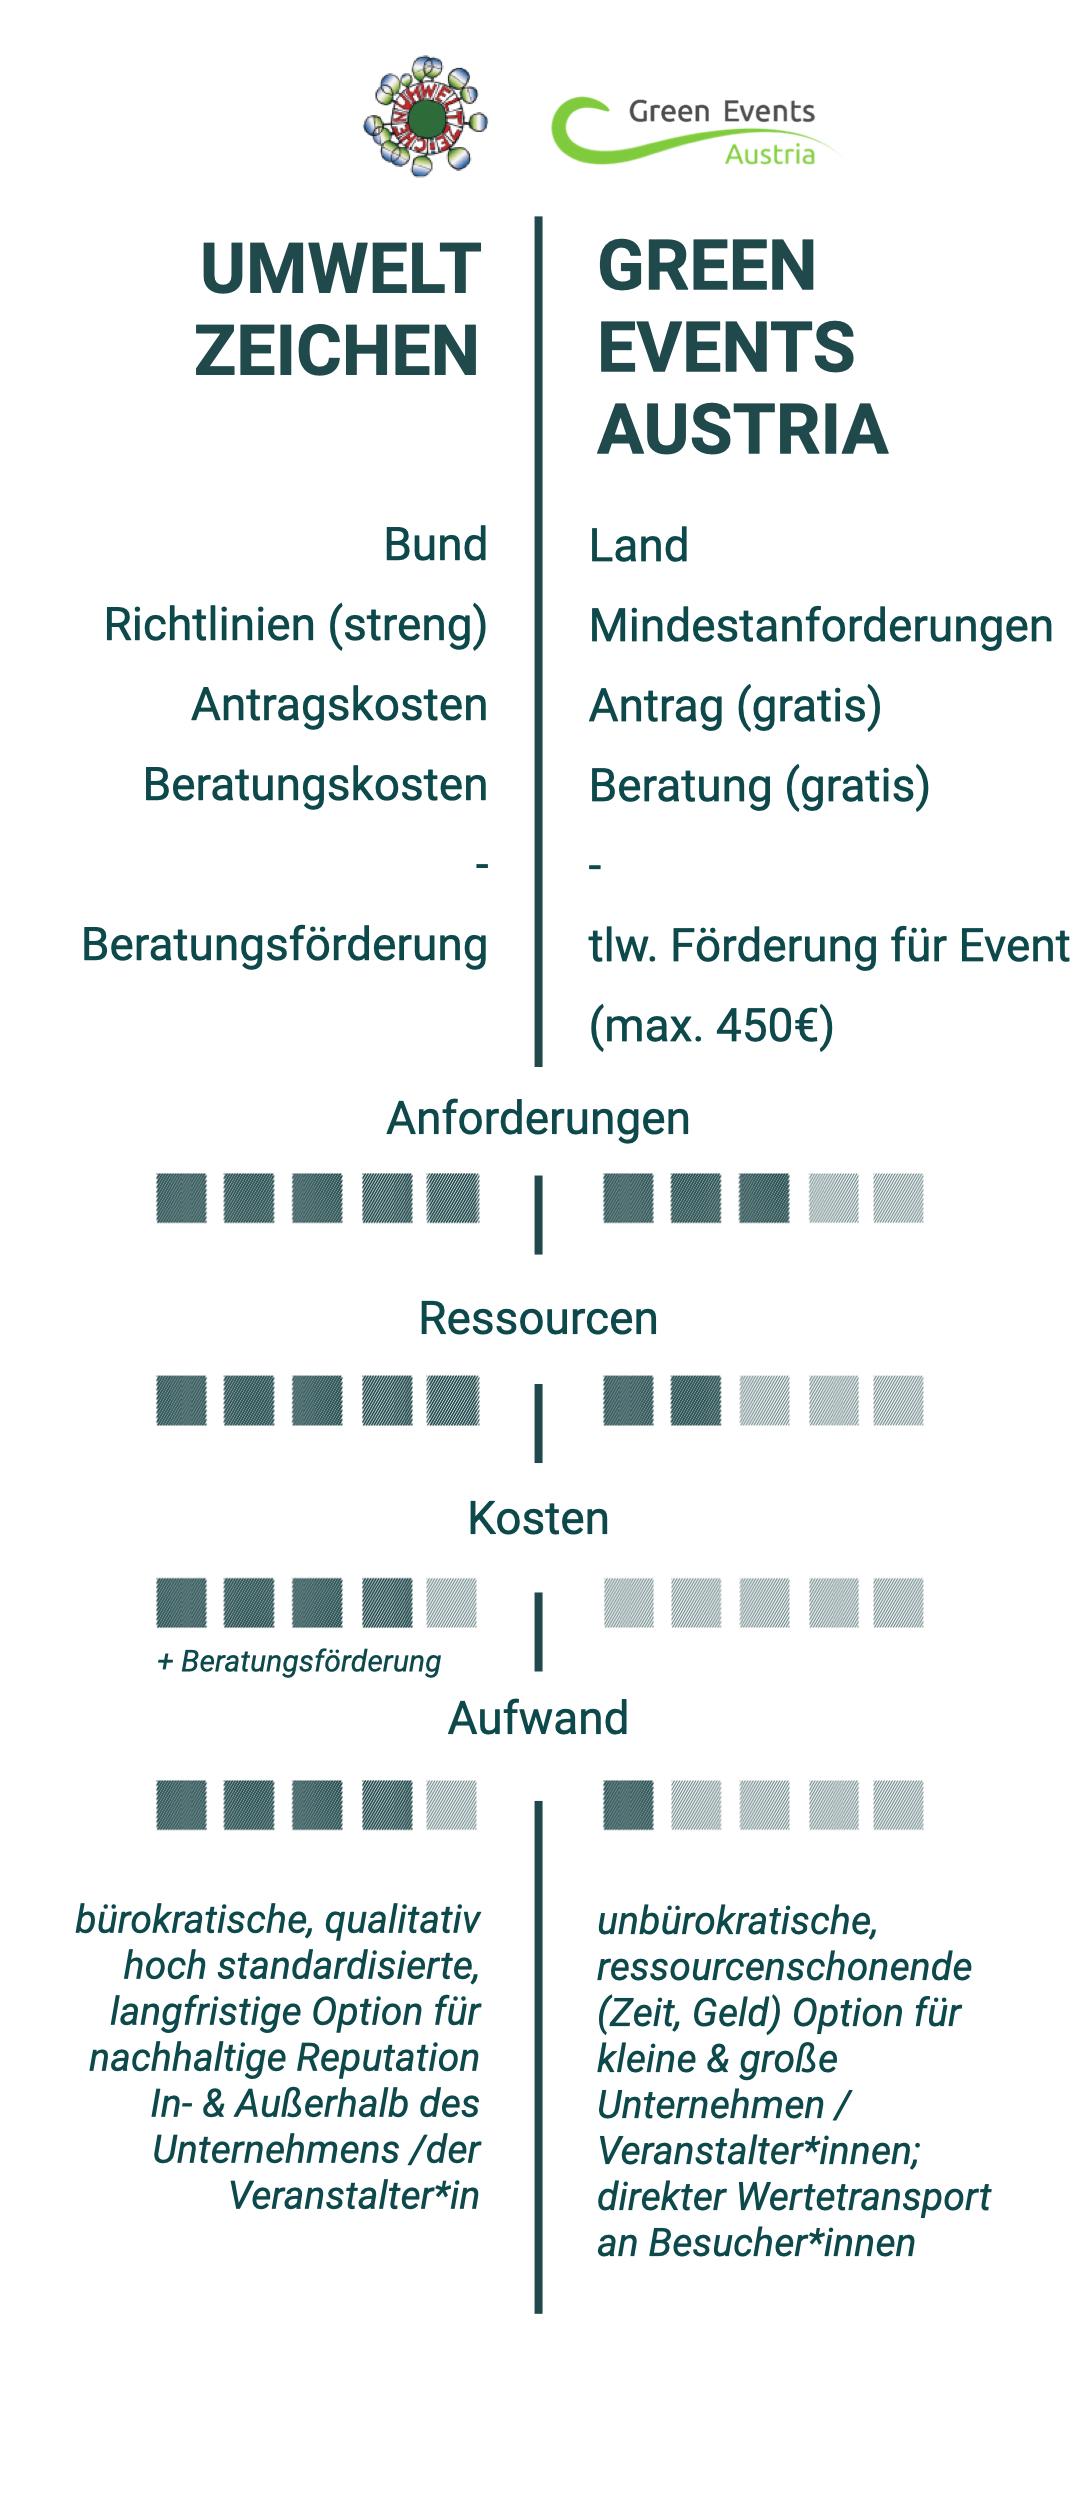 Hier sind die Green Event Labels 'Umweltzeichen' und 'Green Events Austria' im direkten Praxisvergleich.  Das Umweltzeichen: Bund, Richtlinien (streng), Antragskosten, Beratungskosten, Beratungsförderung; bürokratische, qualitative hoch standardisierte, langfristige Option für nachhaltige Reputation In- & Außerhalb des Unternehmens. Green Events Austria: Land, Mindestanforderung, Antrag (gratis), Beratung (gratis), teilweise Förderung für Event (max 450€); unbürokratische ressourcenschonende (Zeit, Geld) Option für kleine und große Unternehmen für direkten Weitertransport an Besucher*innen